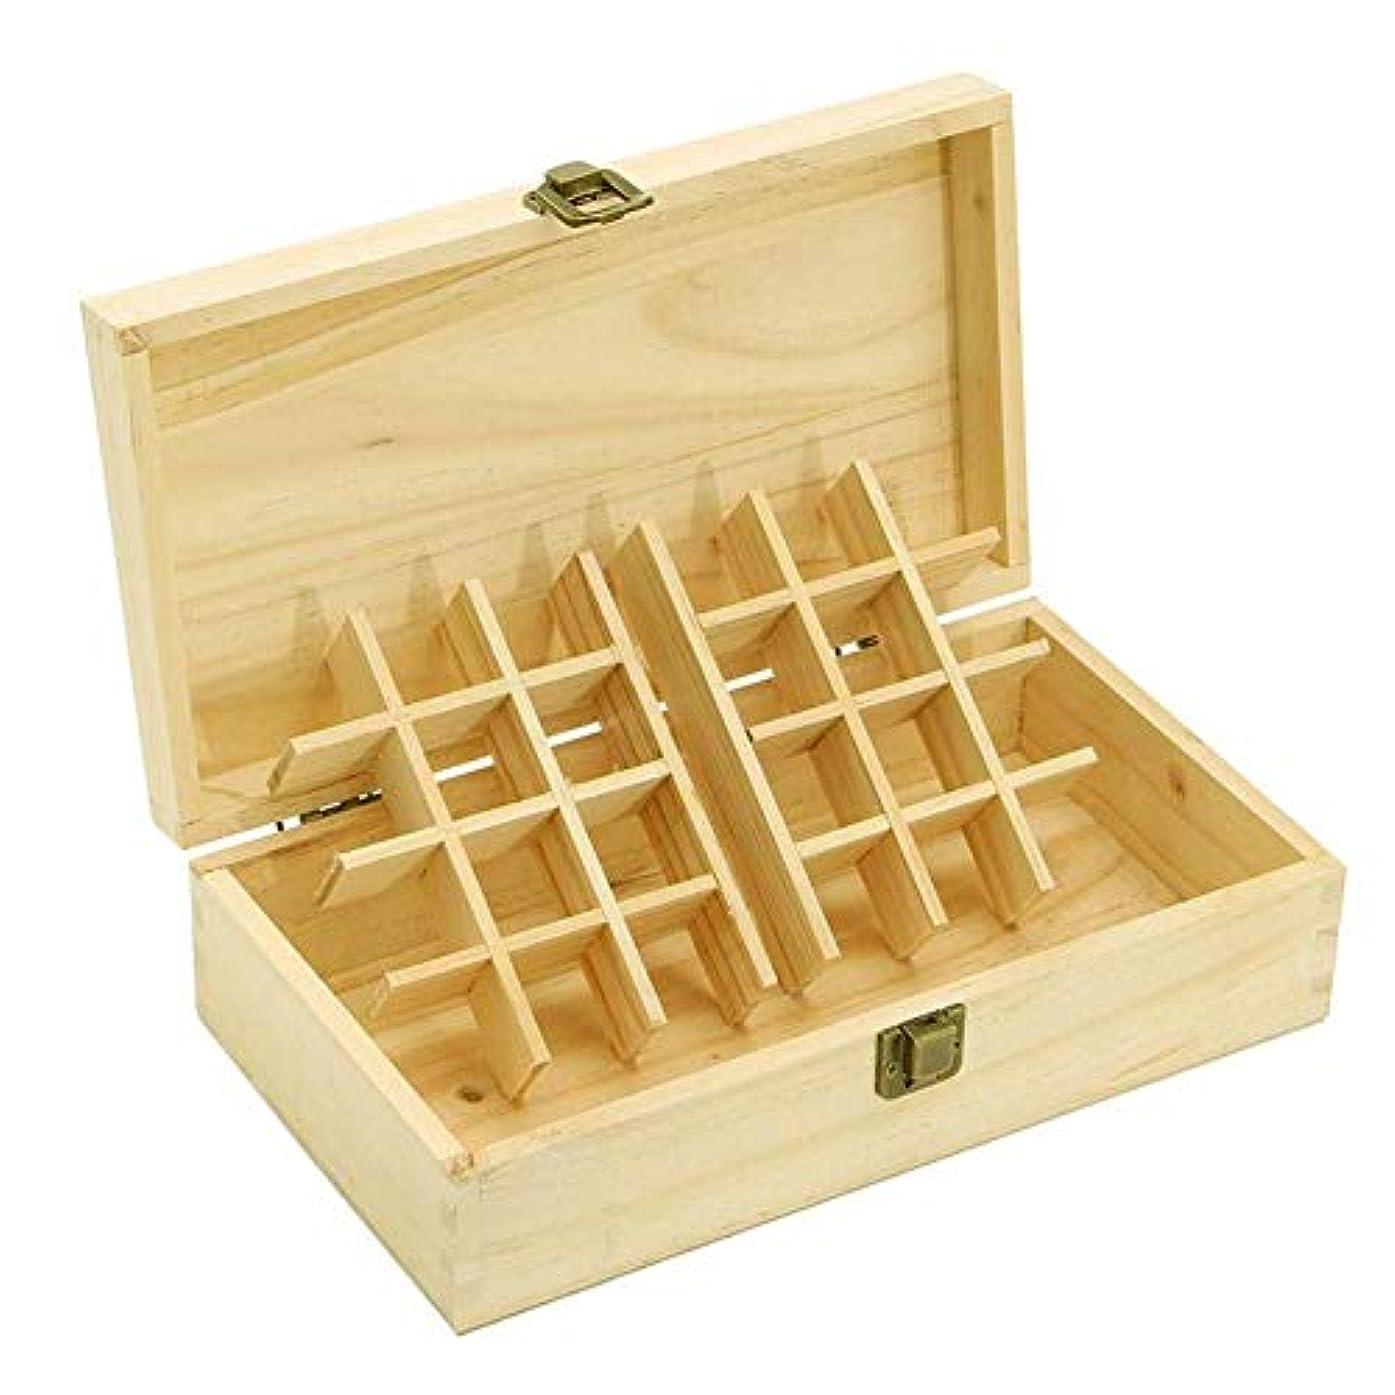 震え効果的コマンドエッセンシャルオイル収納ボックス 純木の精油の収納箱 香水収納ケース アロマオイル収納ボックス